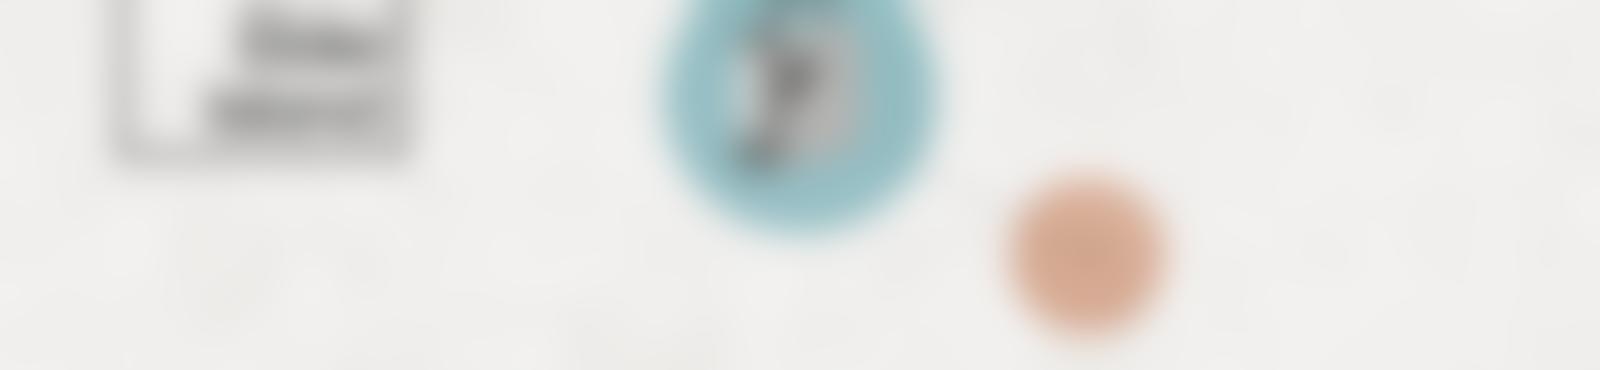 Blurred cbdd9cad 20dc 4299 9b9d d78c98751b63